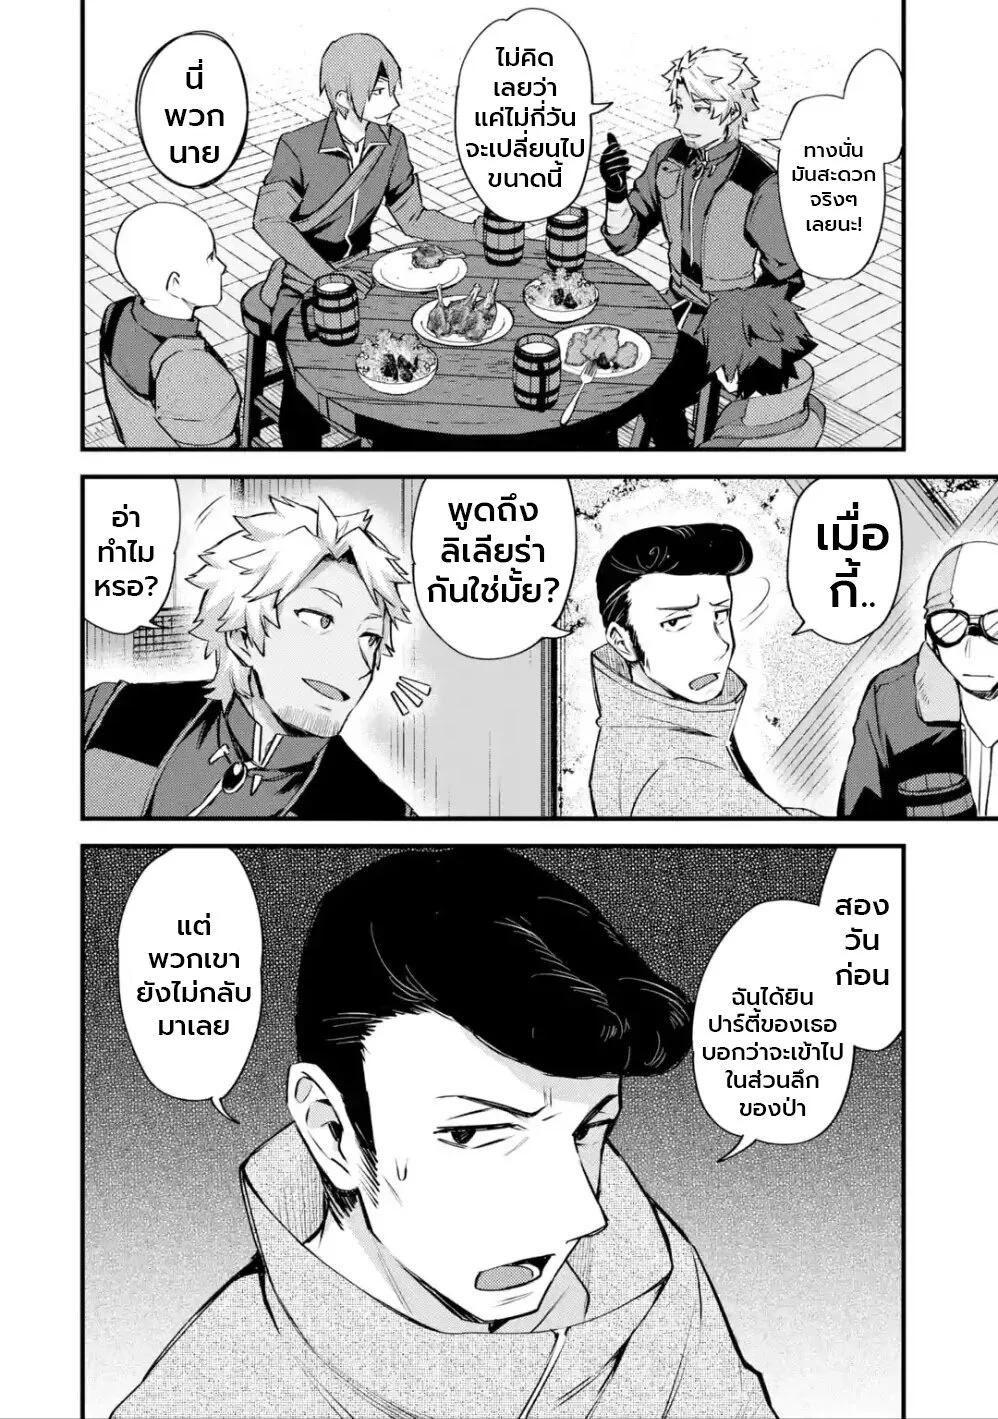 อ่านการ์ตูน Nido Tensei Shita Shounen wa S Rank Boukensha Toshite Heion ni Sugosu-zense ga kenja de eiyuu datta boku wa raisede wa jimini ikiru ตอนที่ 17 หน้าที่ 32